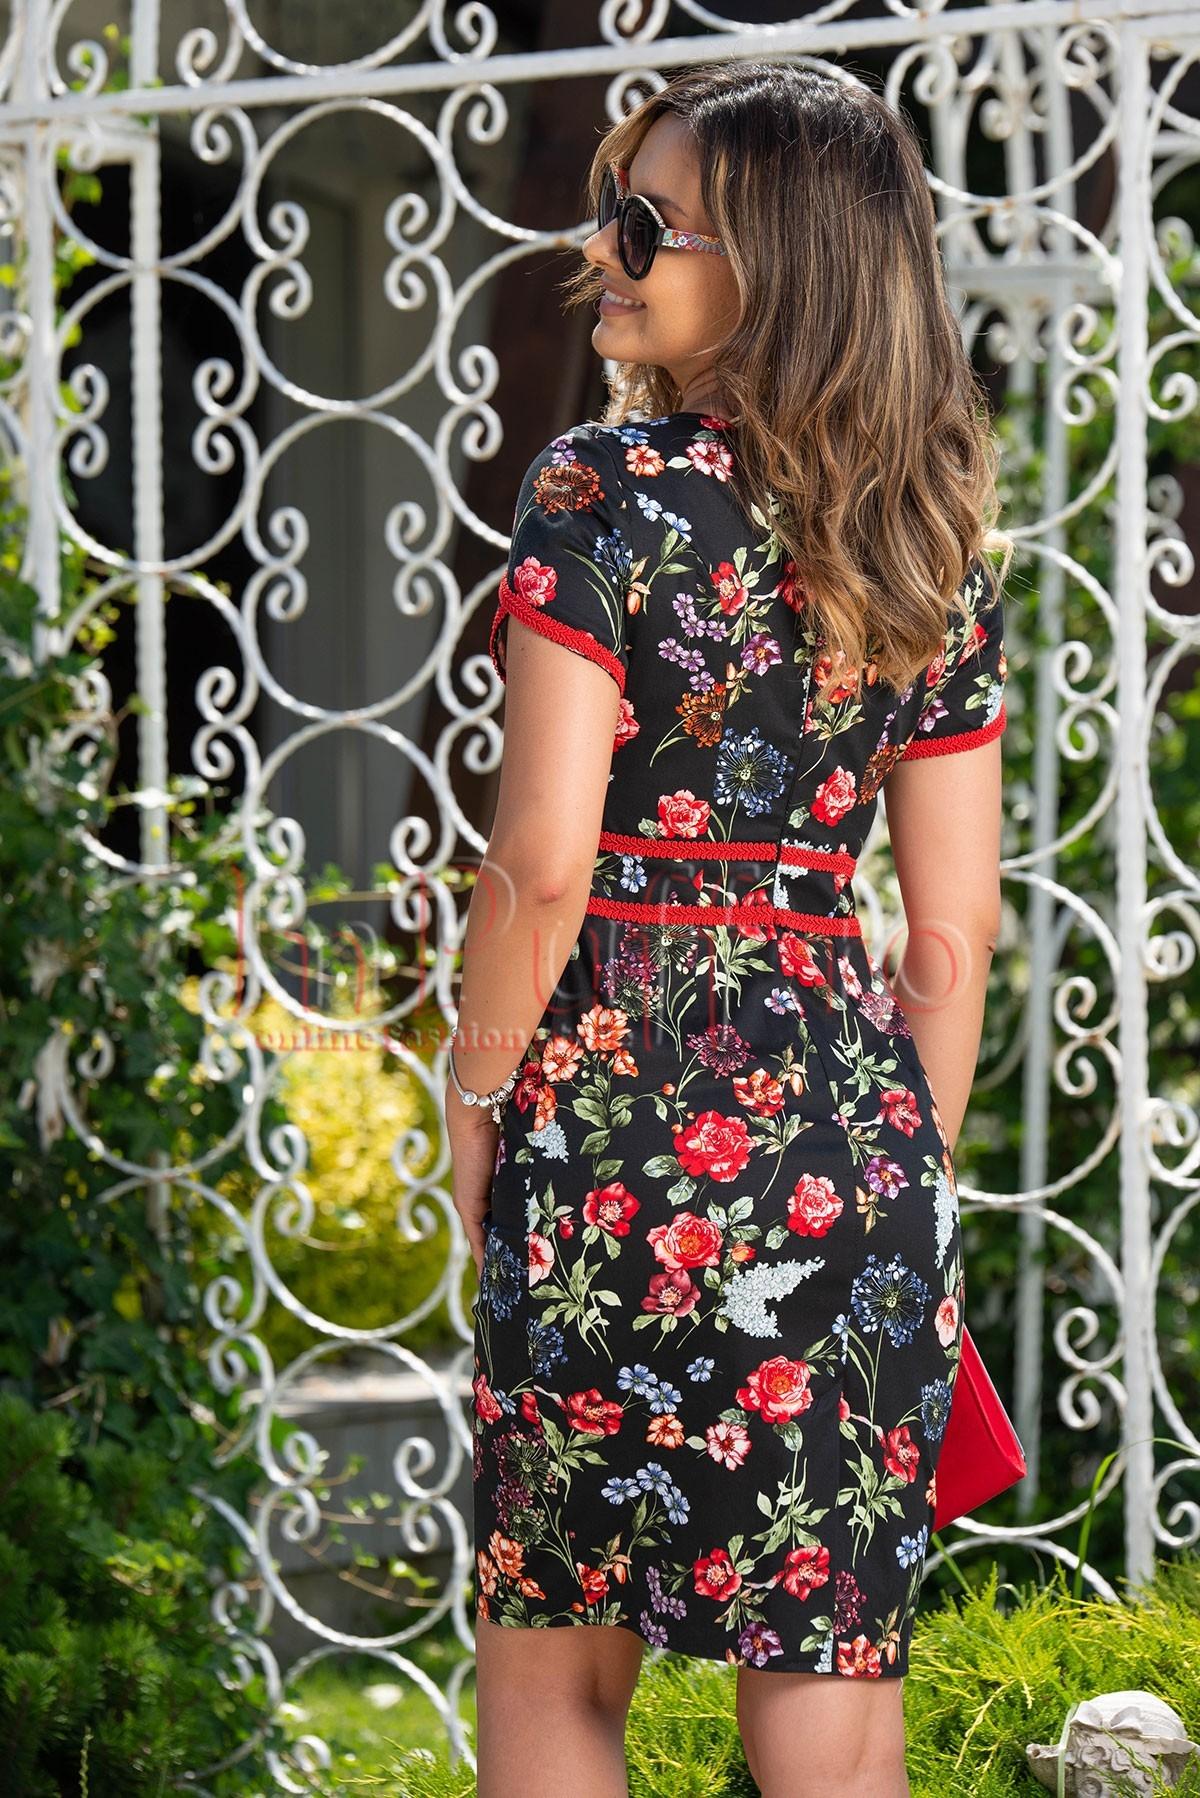 Rochie eleganta neagra cu imprimeu floral si aplicatii rosii